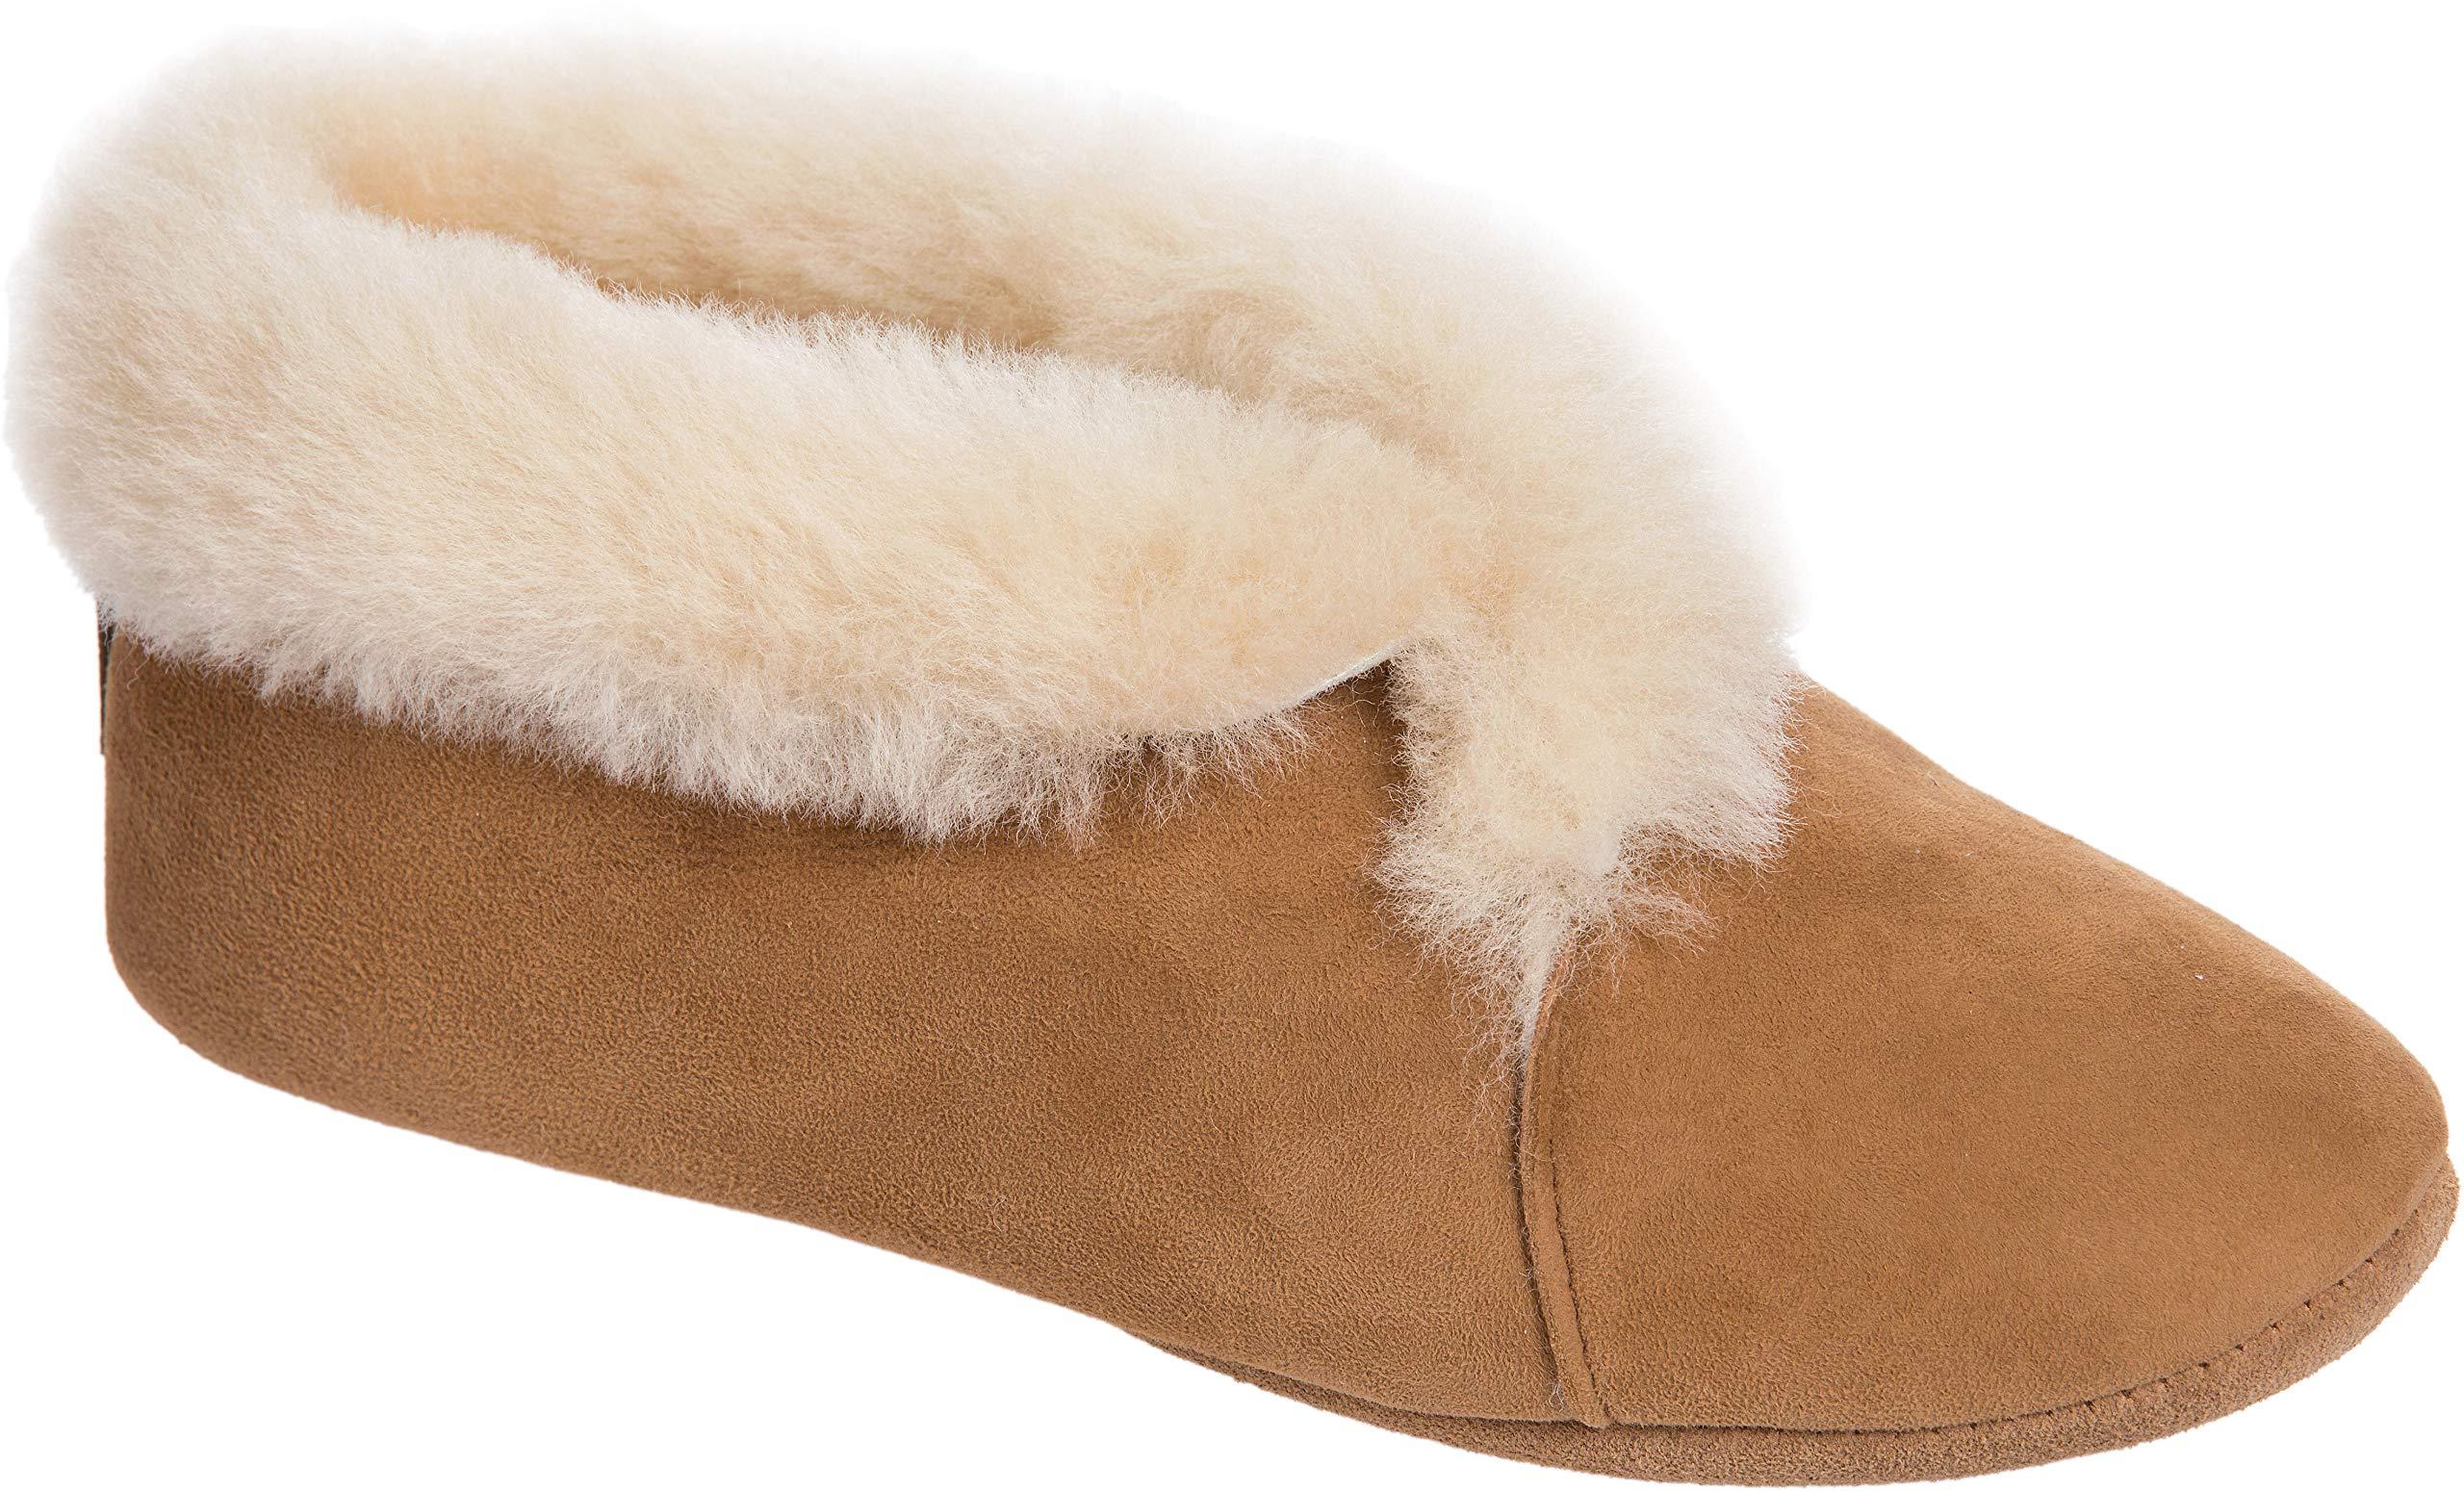 Women's Sophia Soft-Sole Australian Merino Sheepskin Slippers by Overland Sheepskin Co